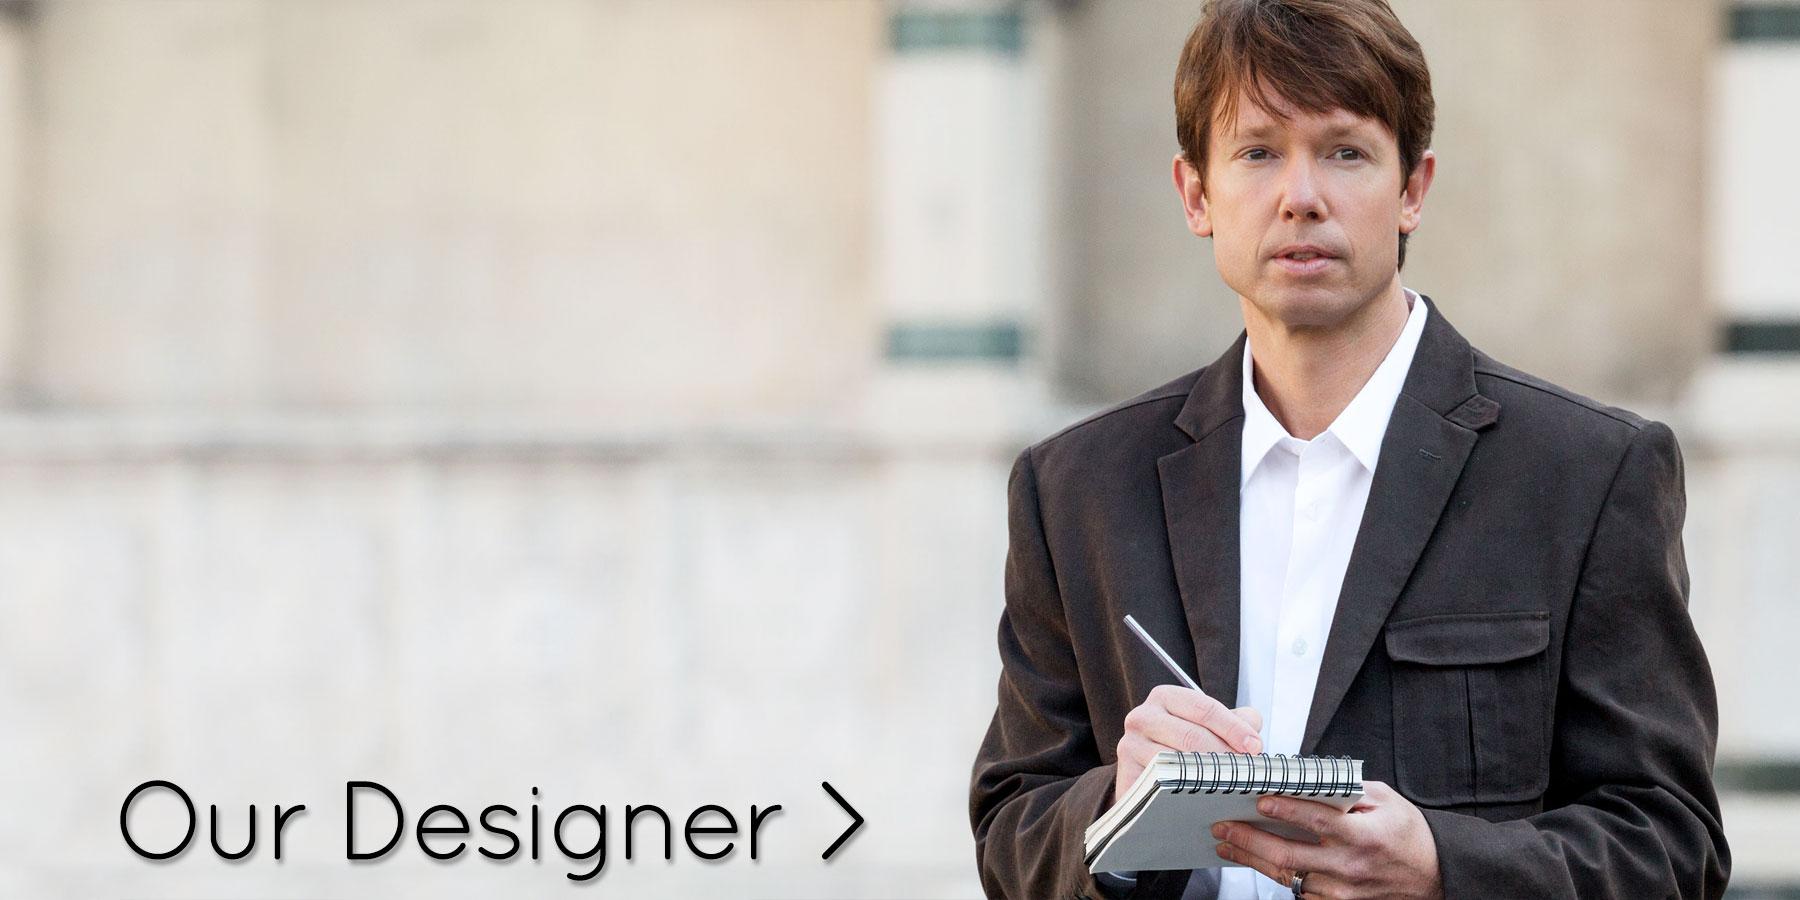 Our Designer >